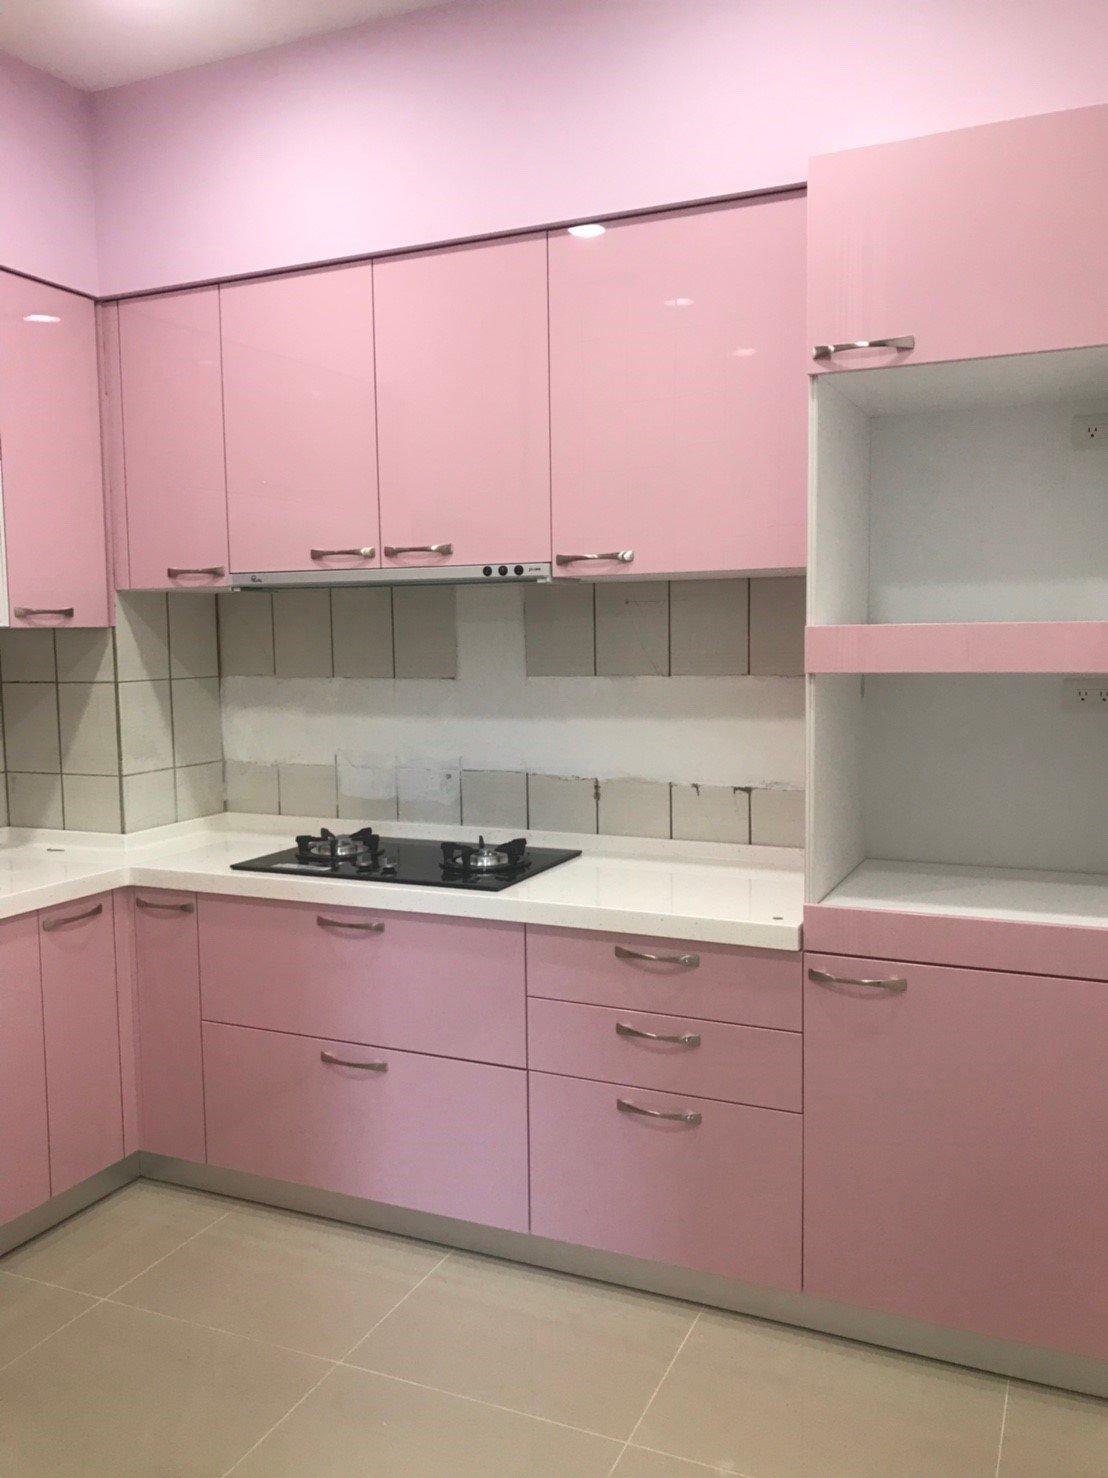 【雅格廚櫃】工廠直營~一字型廚櫃、流理台、廚具、結晶鋼烤、含櫻花三機